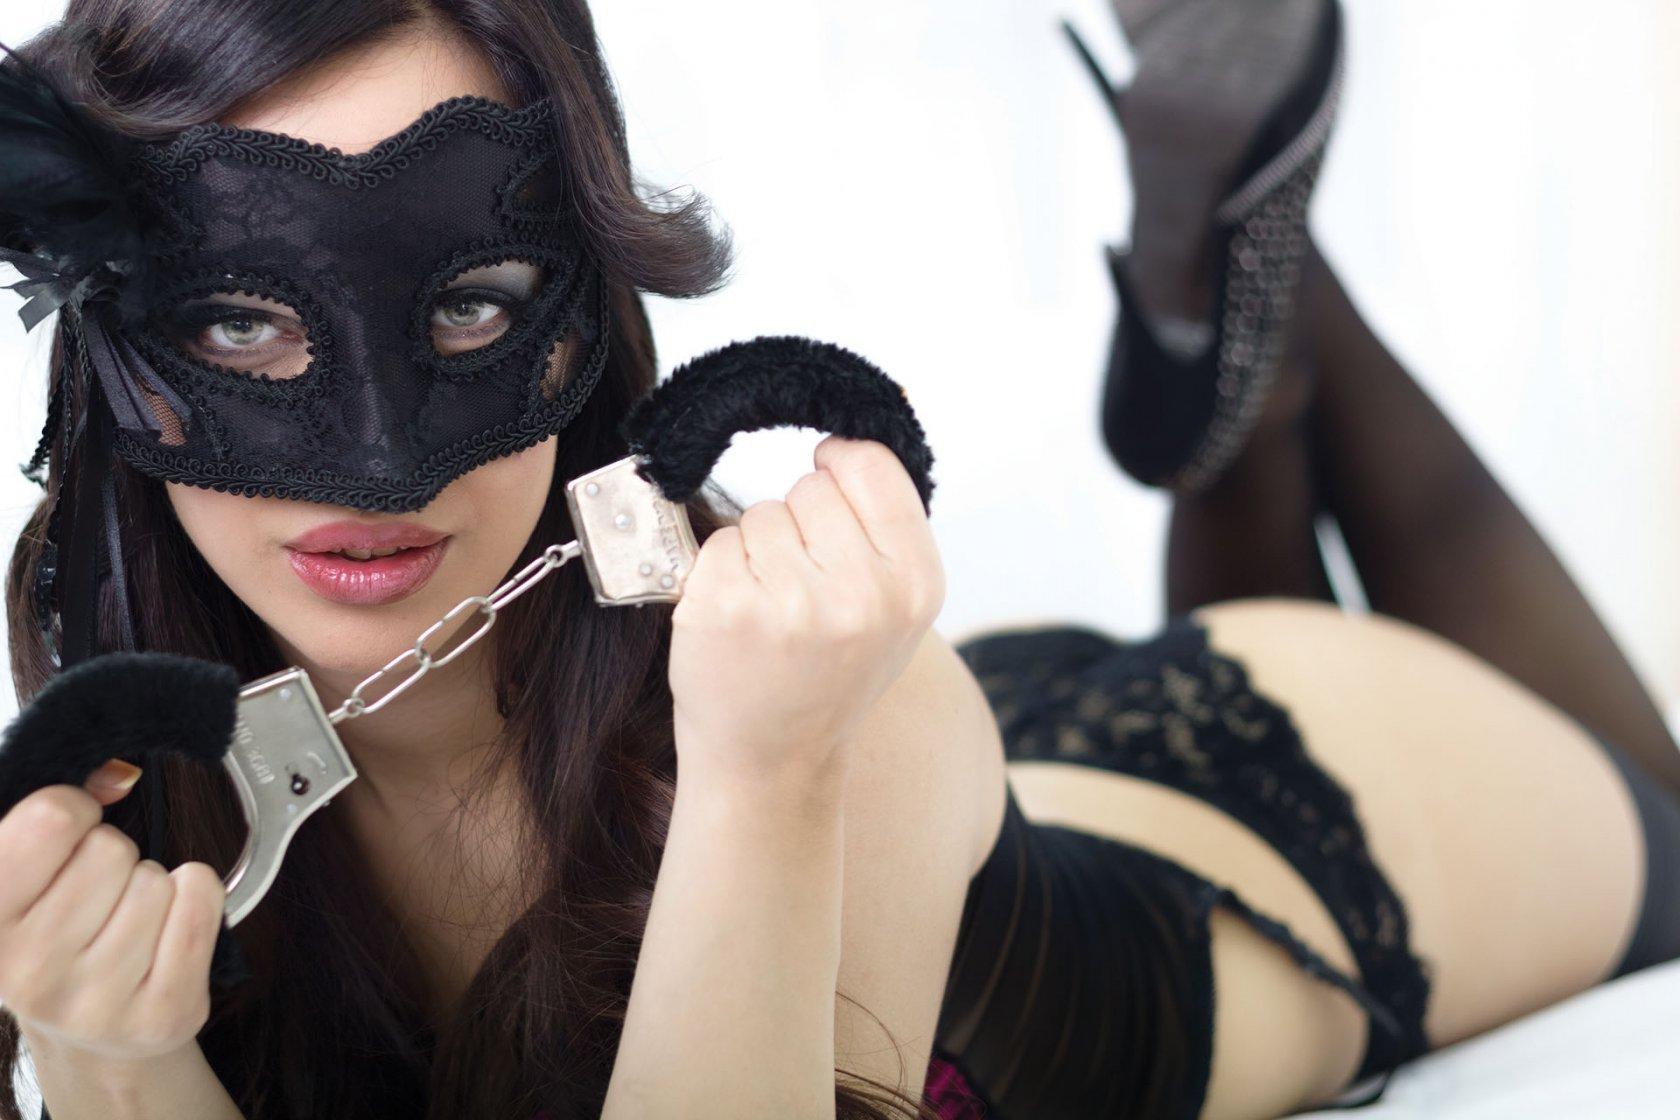 Секс с привязанной девушкой на дому, Порно видео онлайн: ДомашнееБондаж и связывание 17 фотография